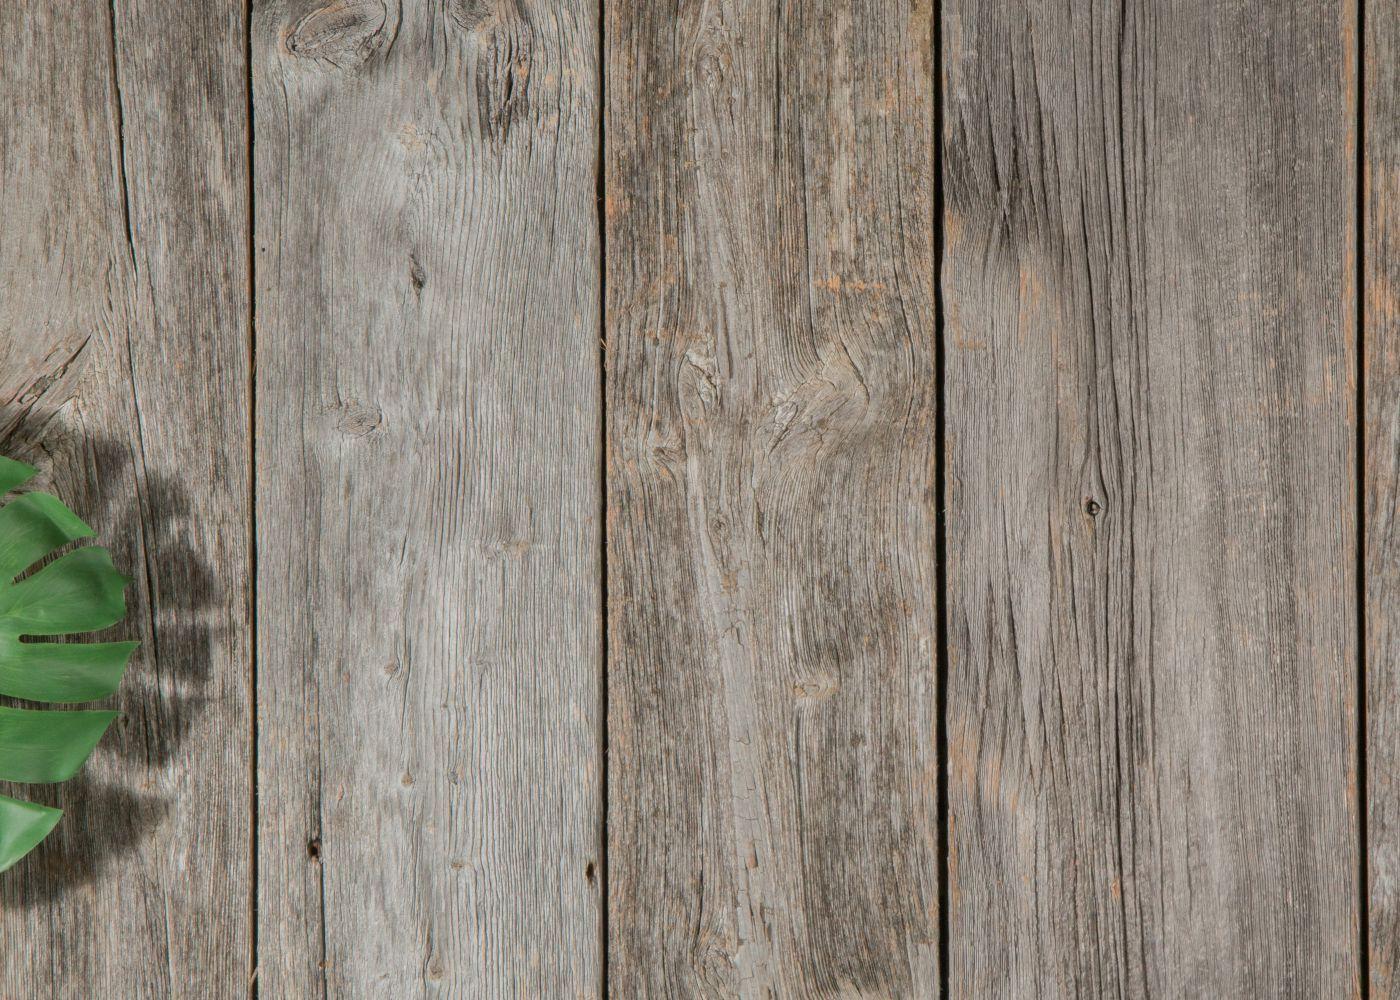 bardage vieux bois bardage monolame bois us campagne vieilli gris chant ancien ou d lign. Black Bedroom Furniture Sets. Home Design Ideas